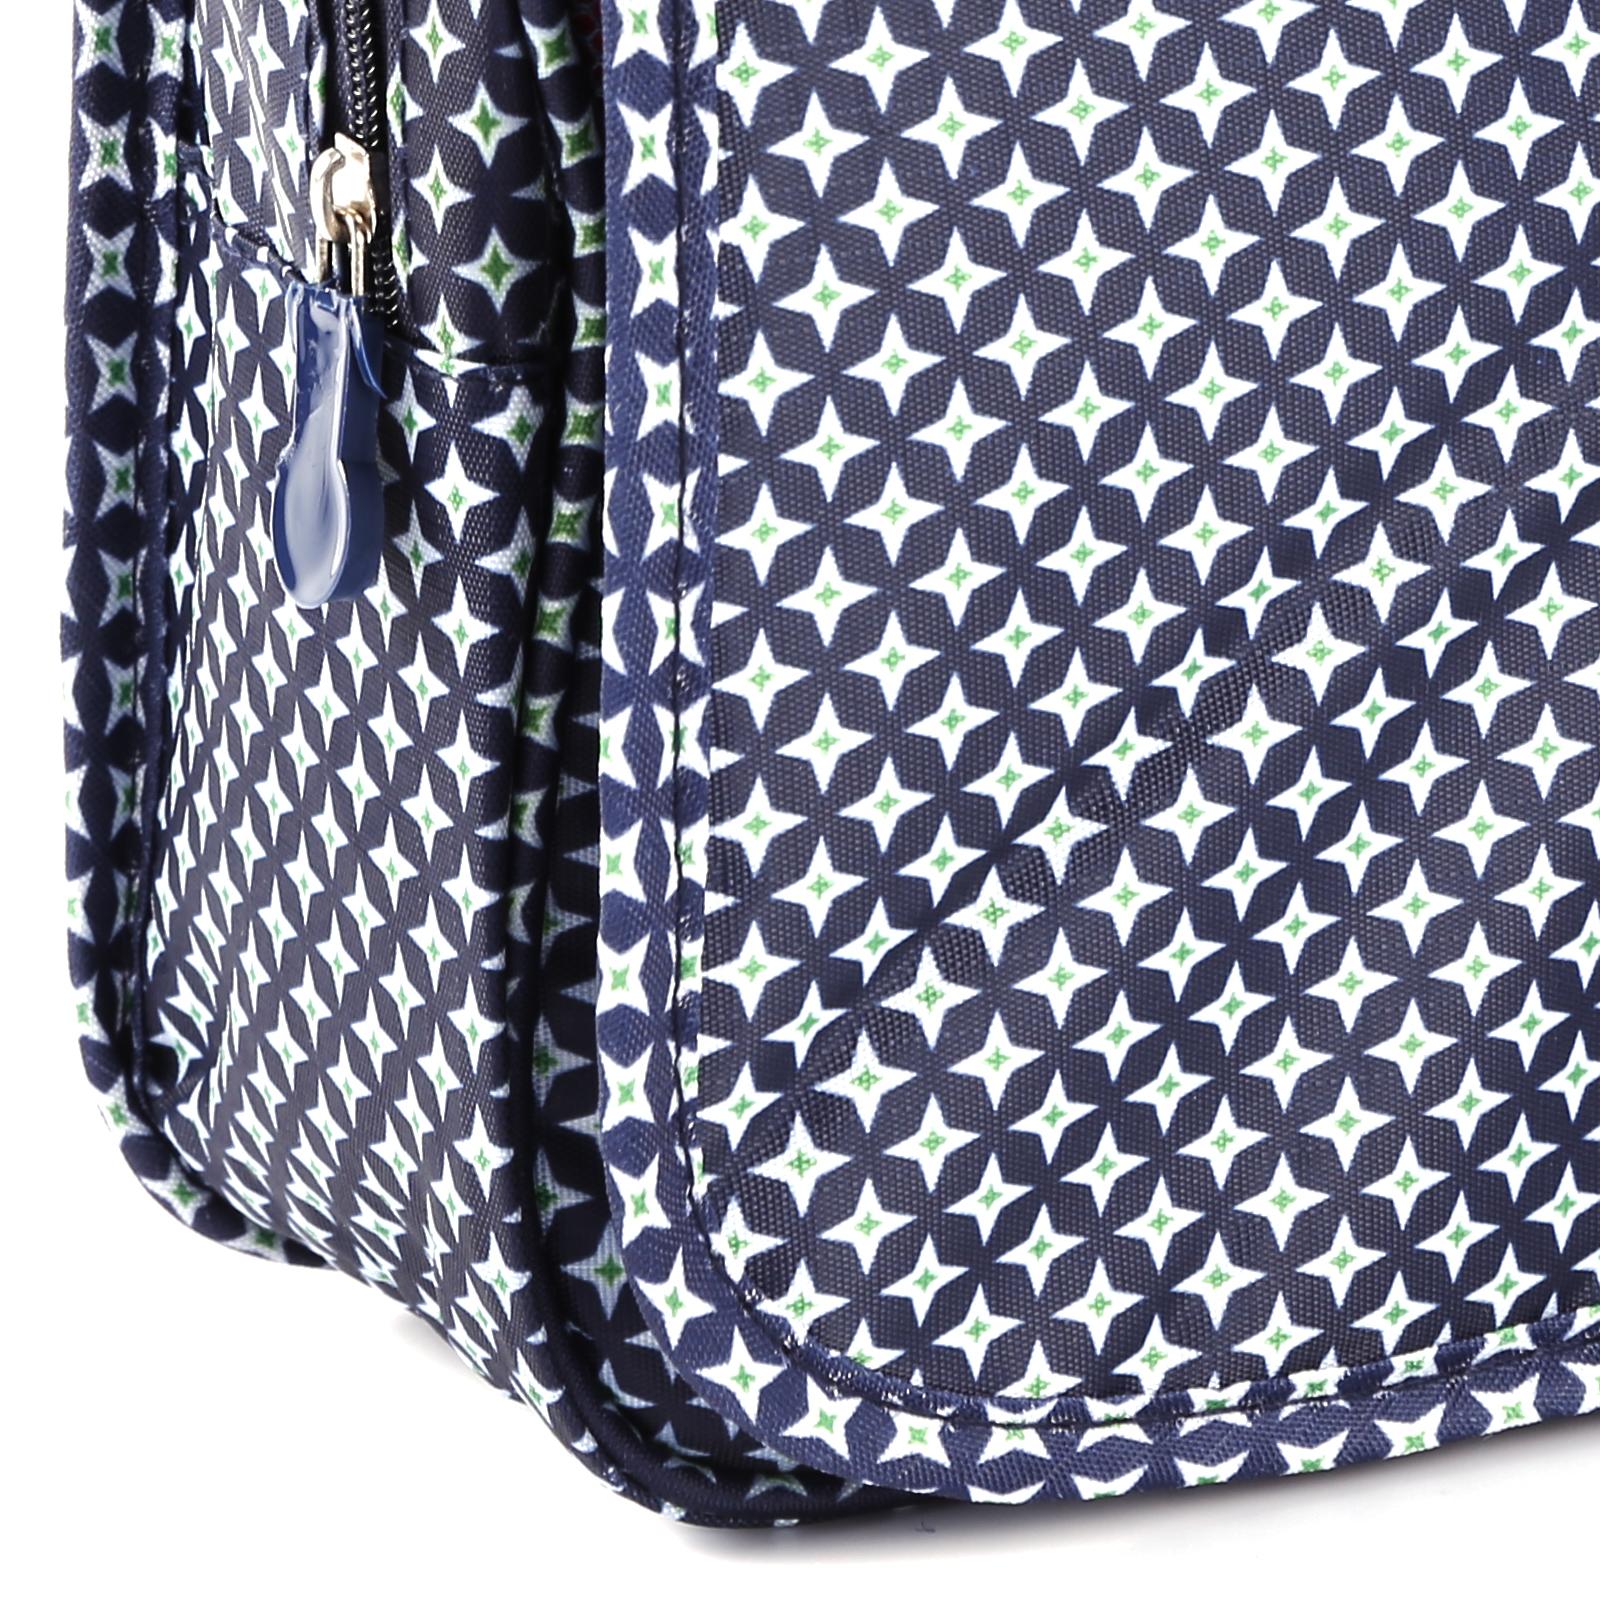 kulturtasche zum aufh ngen waschbeutel reise toilettentasche waschbeutel ebay. Black Bedroom Furniture Sets. Home Design Ideas